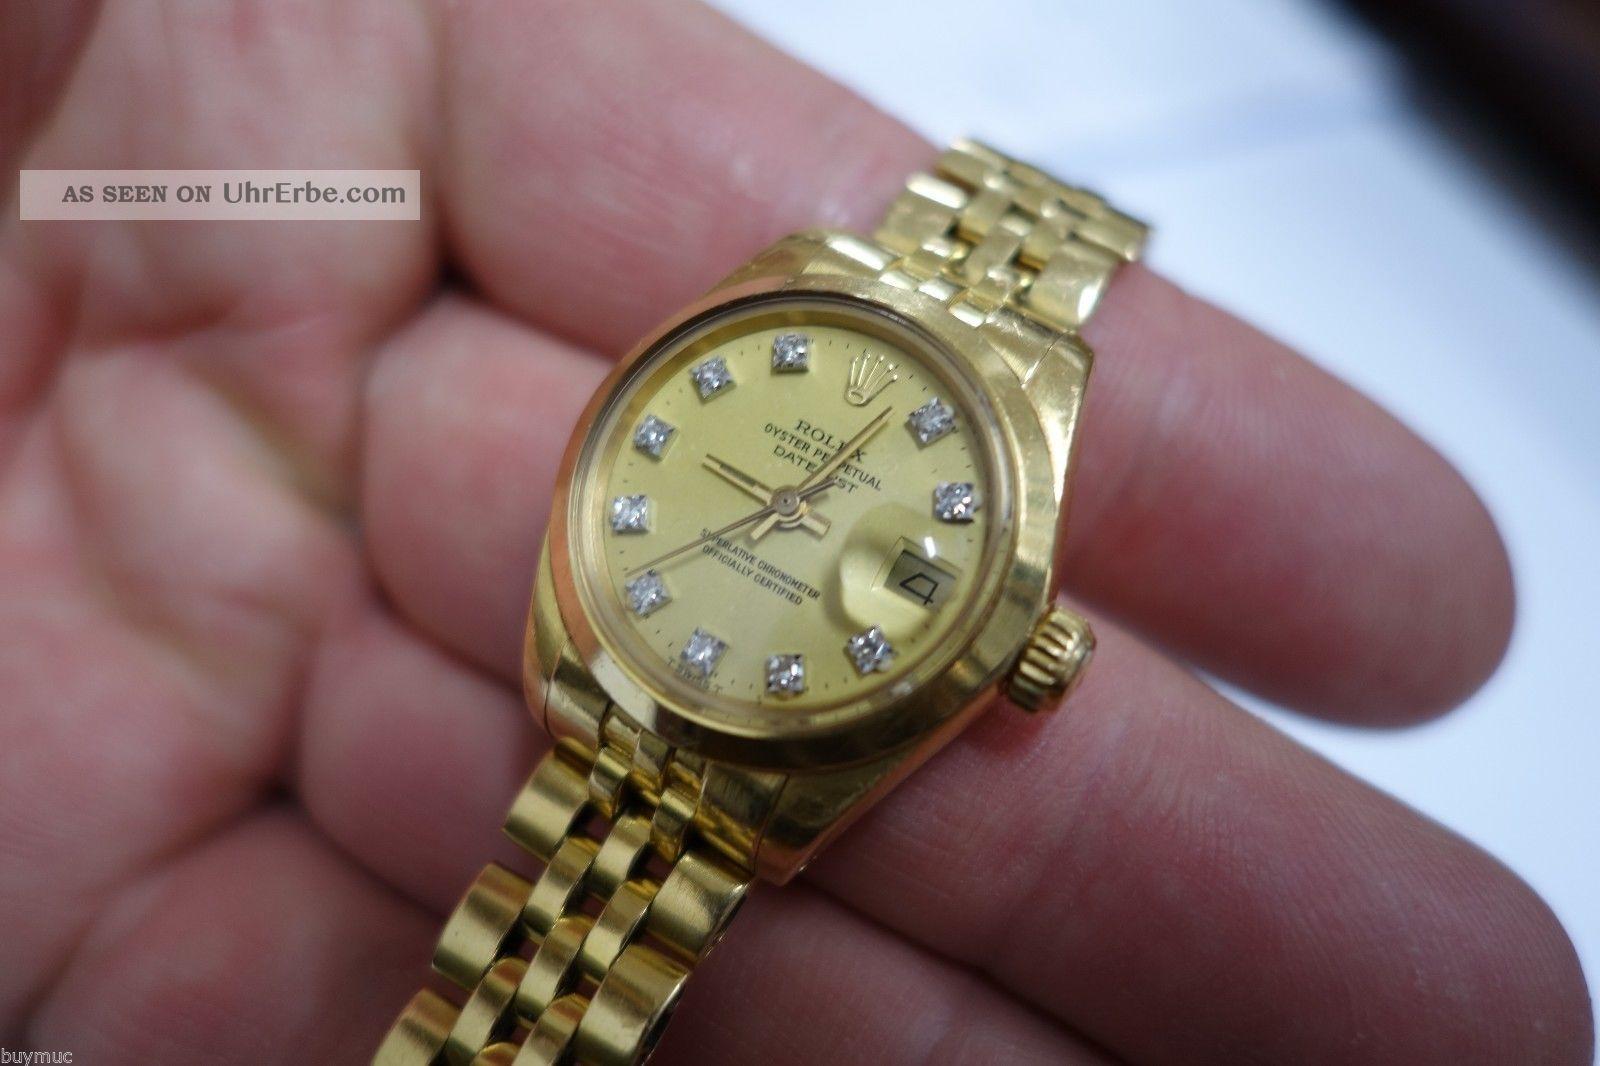 Edle Gebrauchte Rolex Lady Date Just Automatik In 18k Gold Mit Brillanten 25mm Armbanduhren Bild